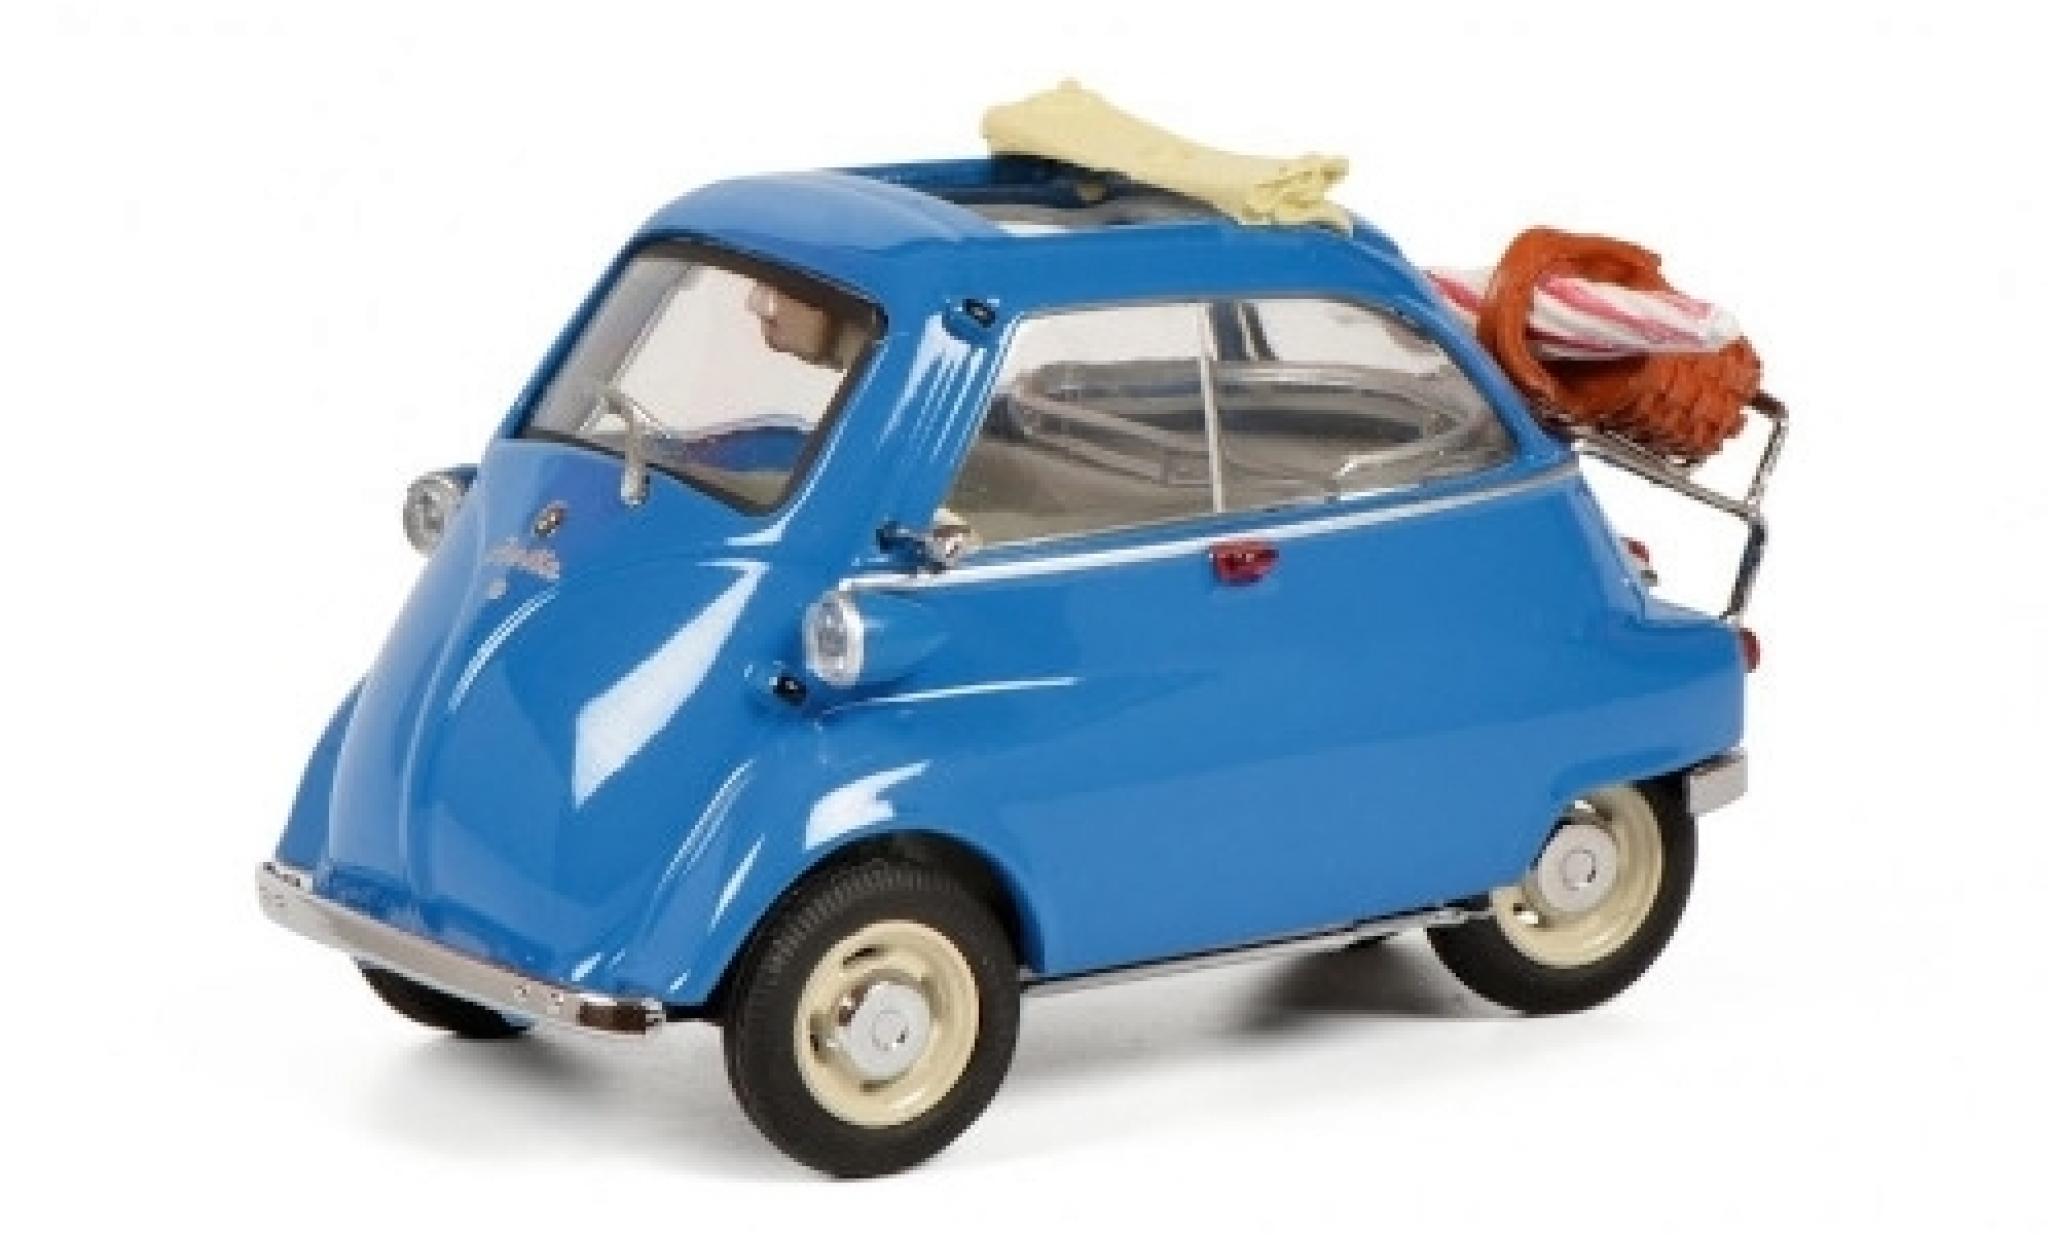 Bmw Isetta 1/43 Schuco blau Picknick